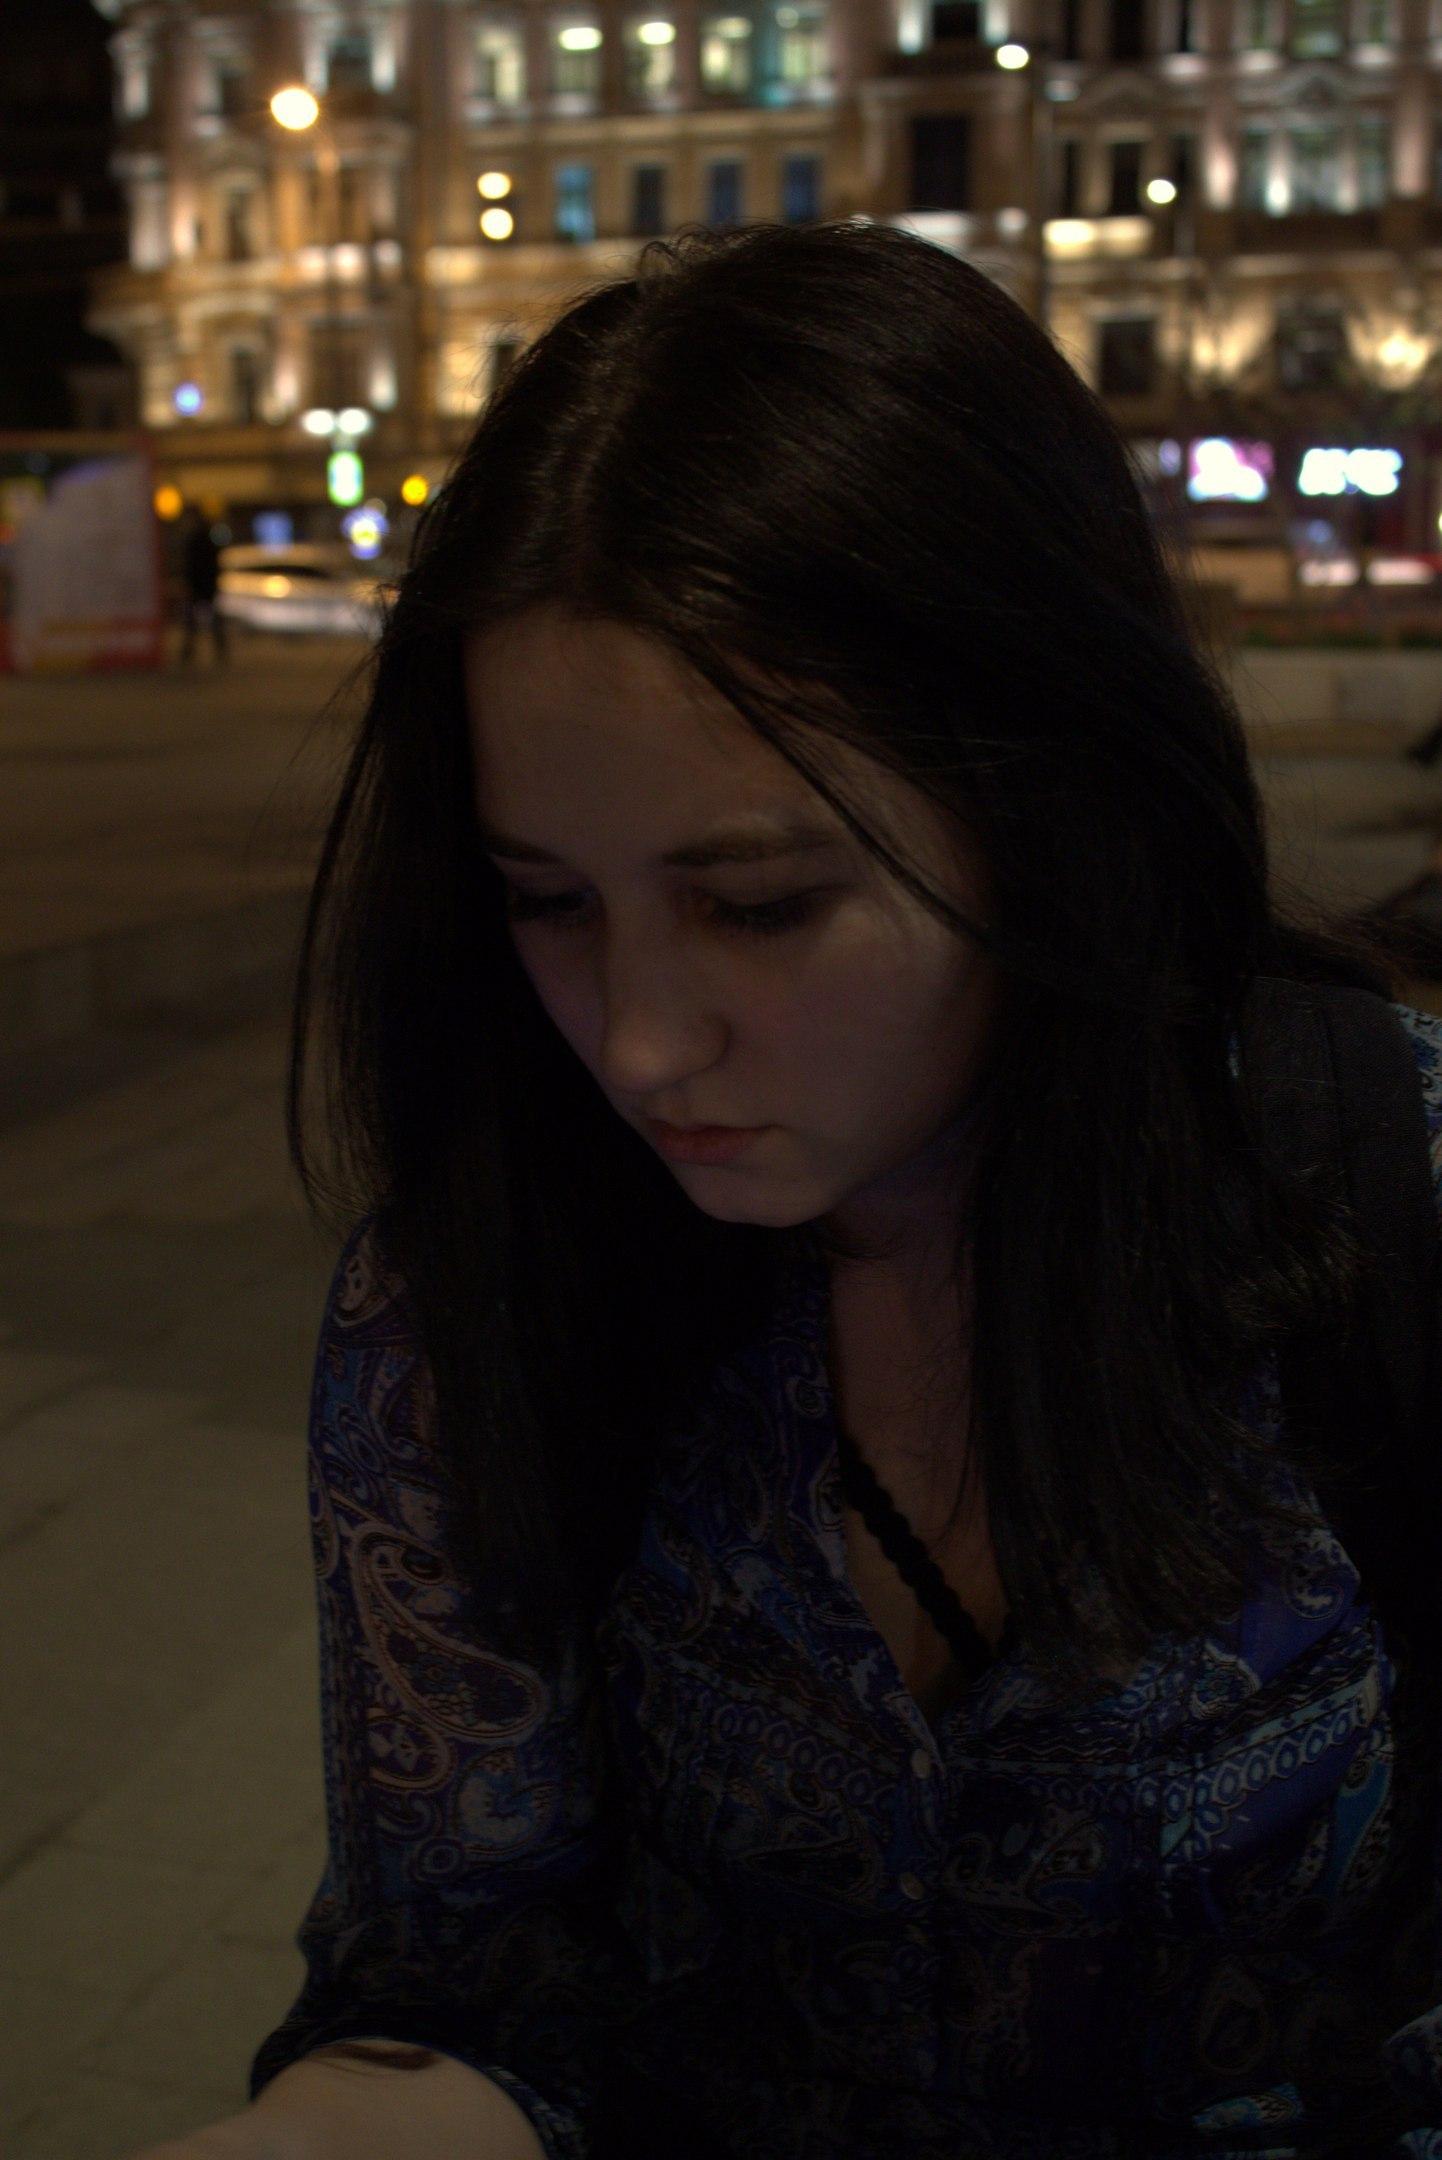 Я хочу знакомства девушка хочу знакомства обьявления кишинев